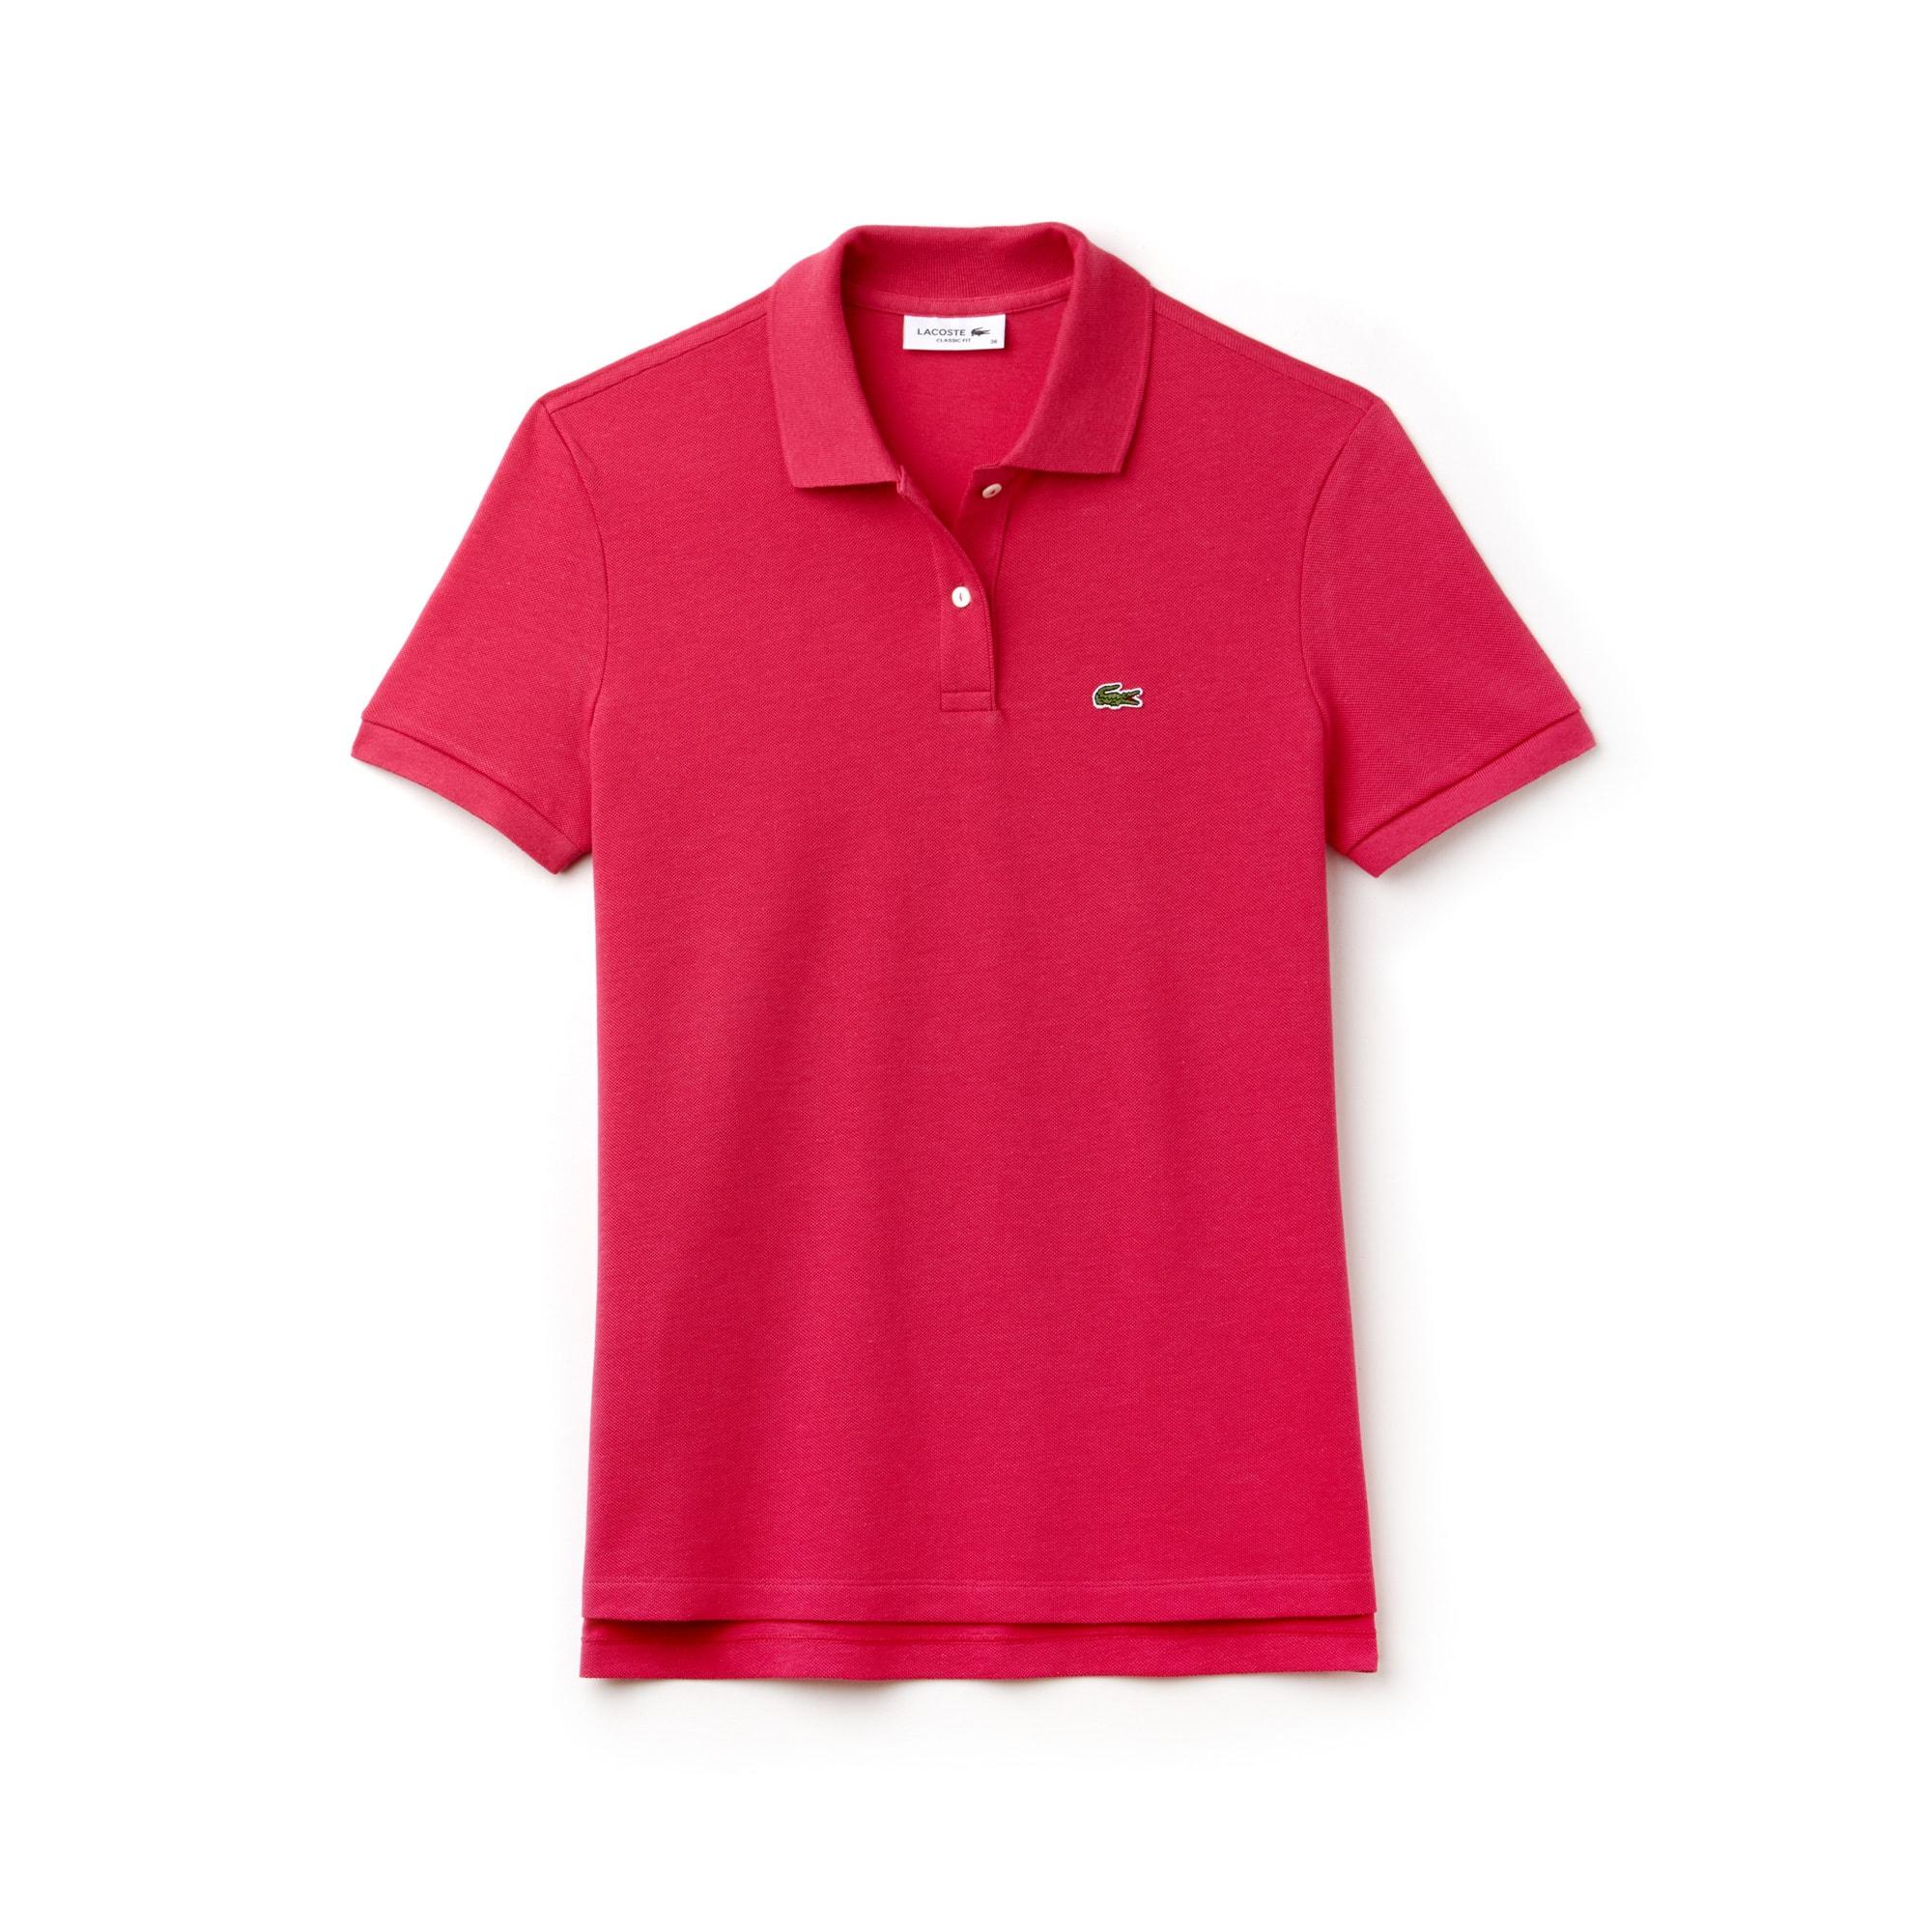 ... LACOSTE Classic Fit Damen-Poloshirt aus weichem Petit Piqué 0155369191